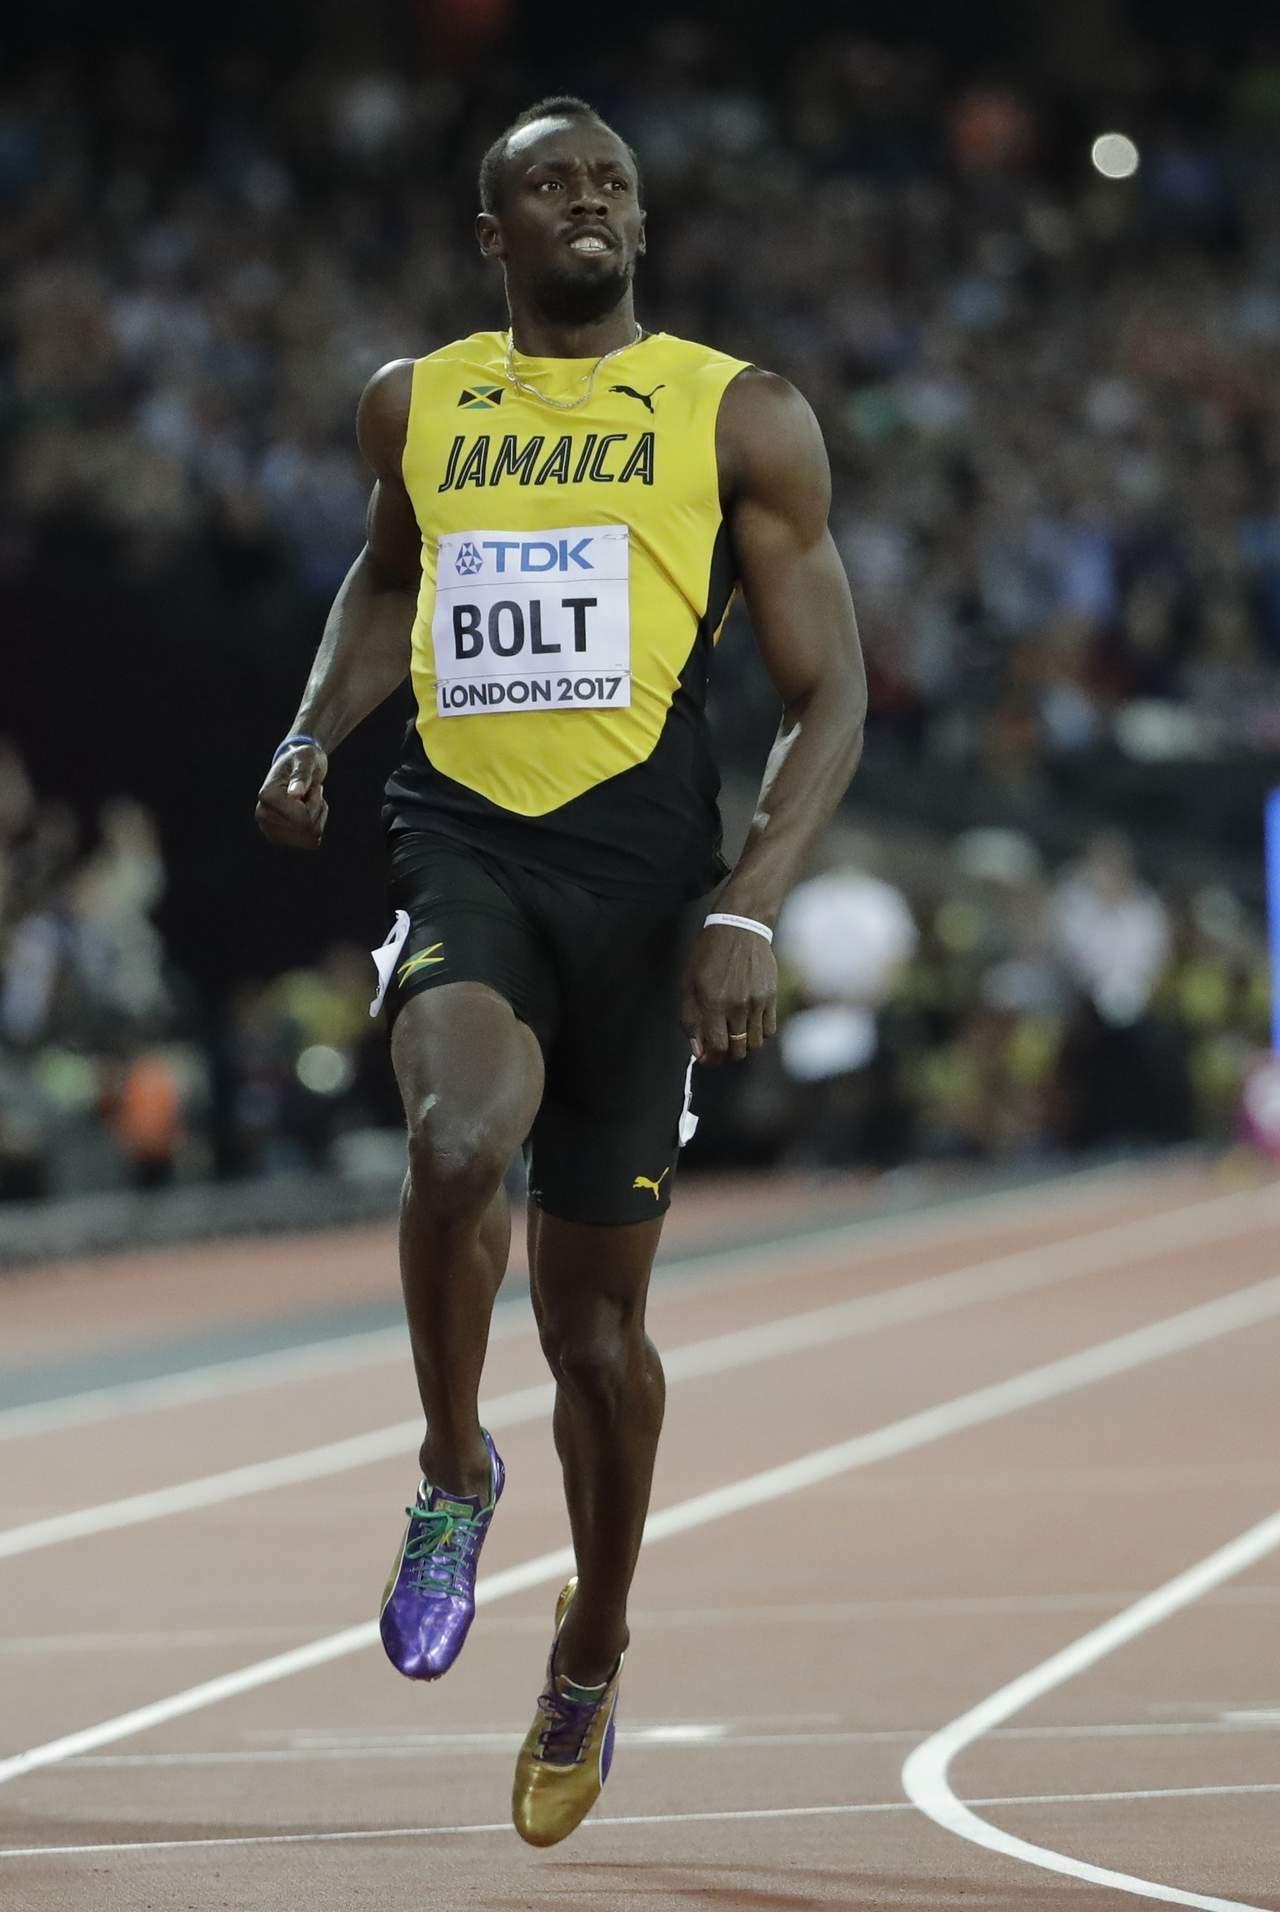 Va Bolt por la última zancada